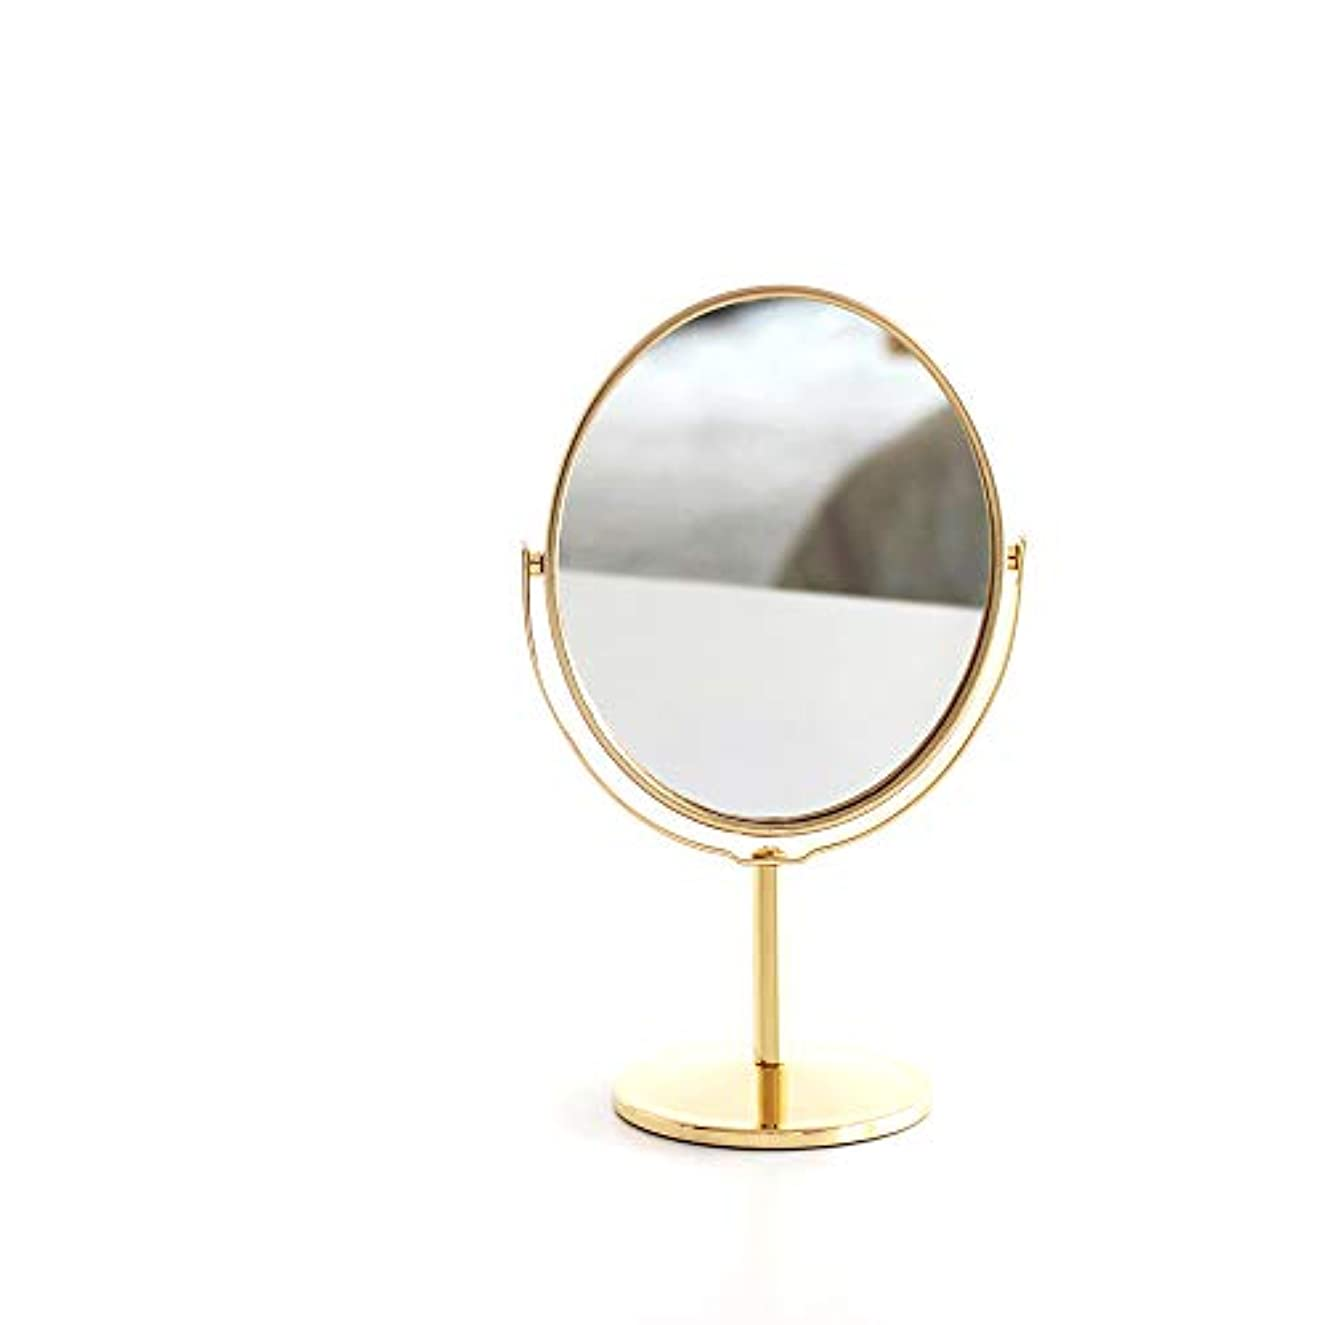 負荷意志変数メタル両面卓上鏡 スタンドミラー 化粧鏡 拡大鏡付き 楕円ミラー 360度回転 コンパクトサイズ 10X12cm (ゴールド)